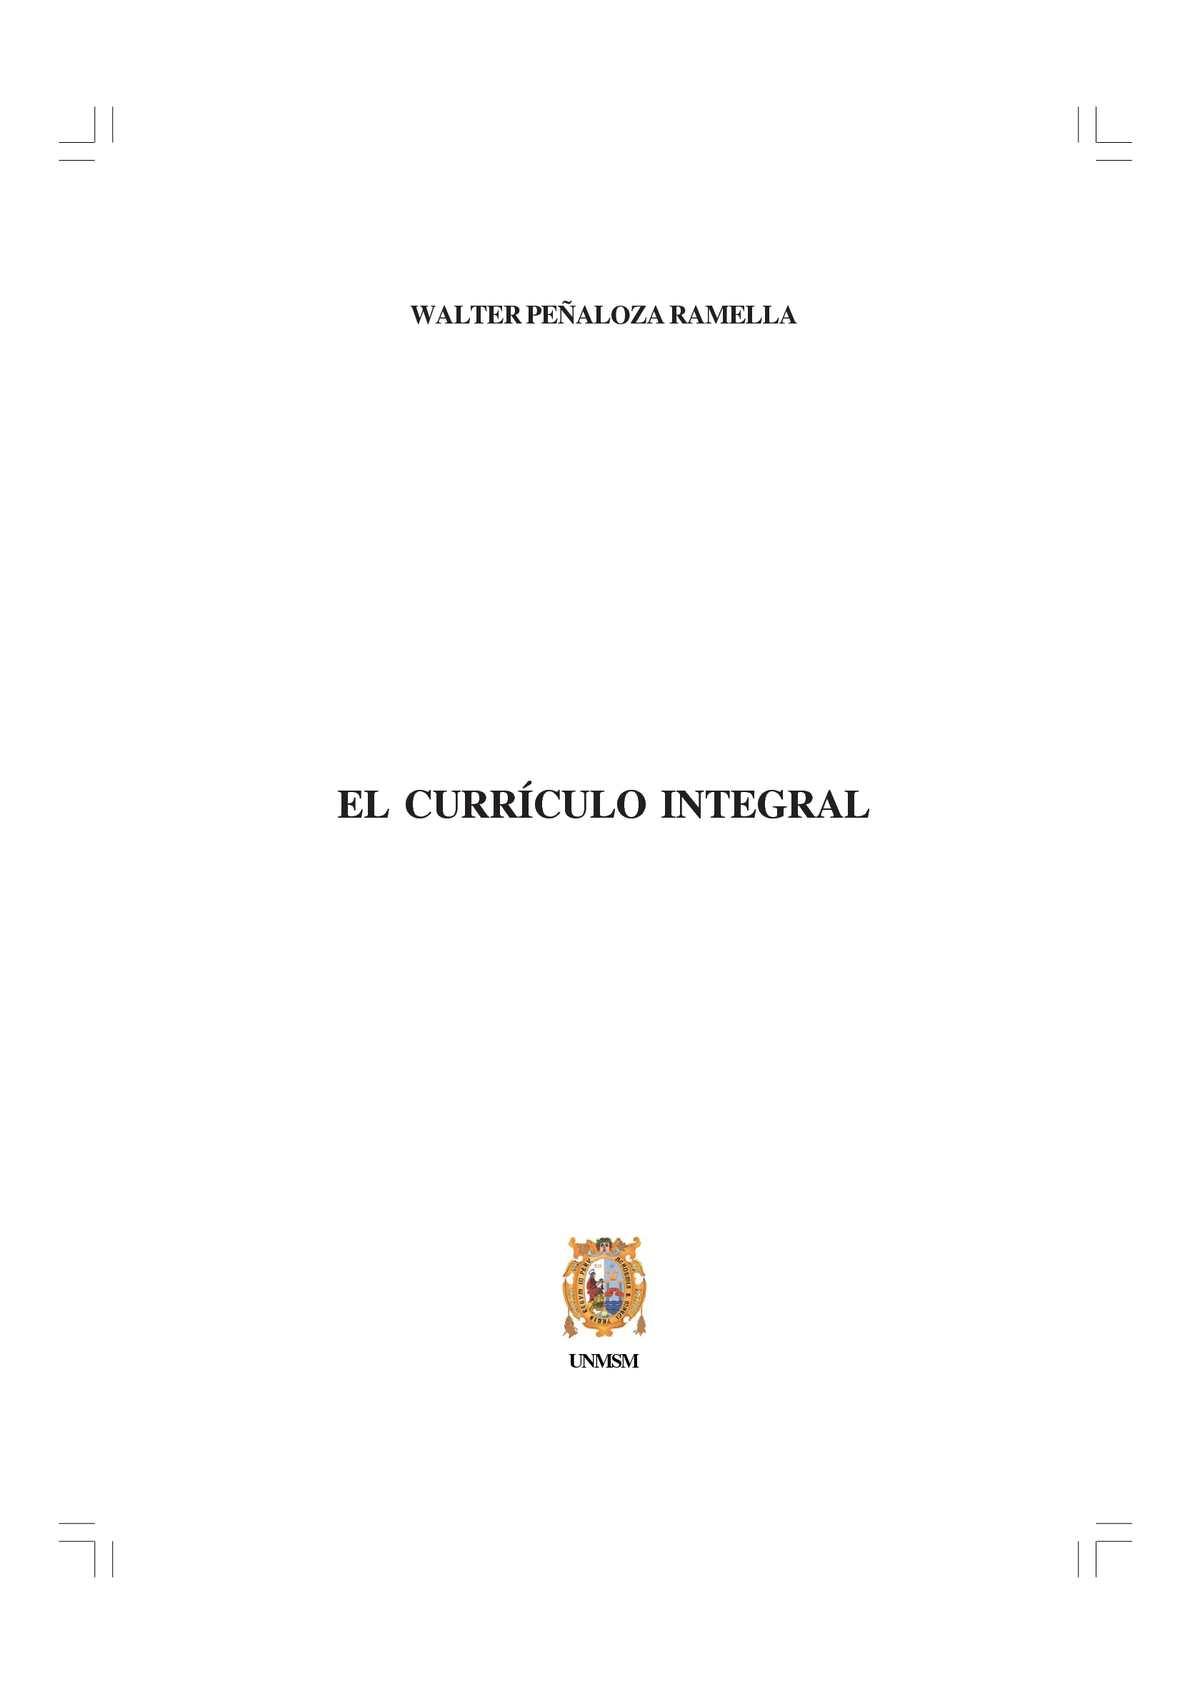 Calaméo - Walter Peñaloza Currículo Integral